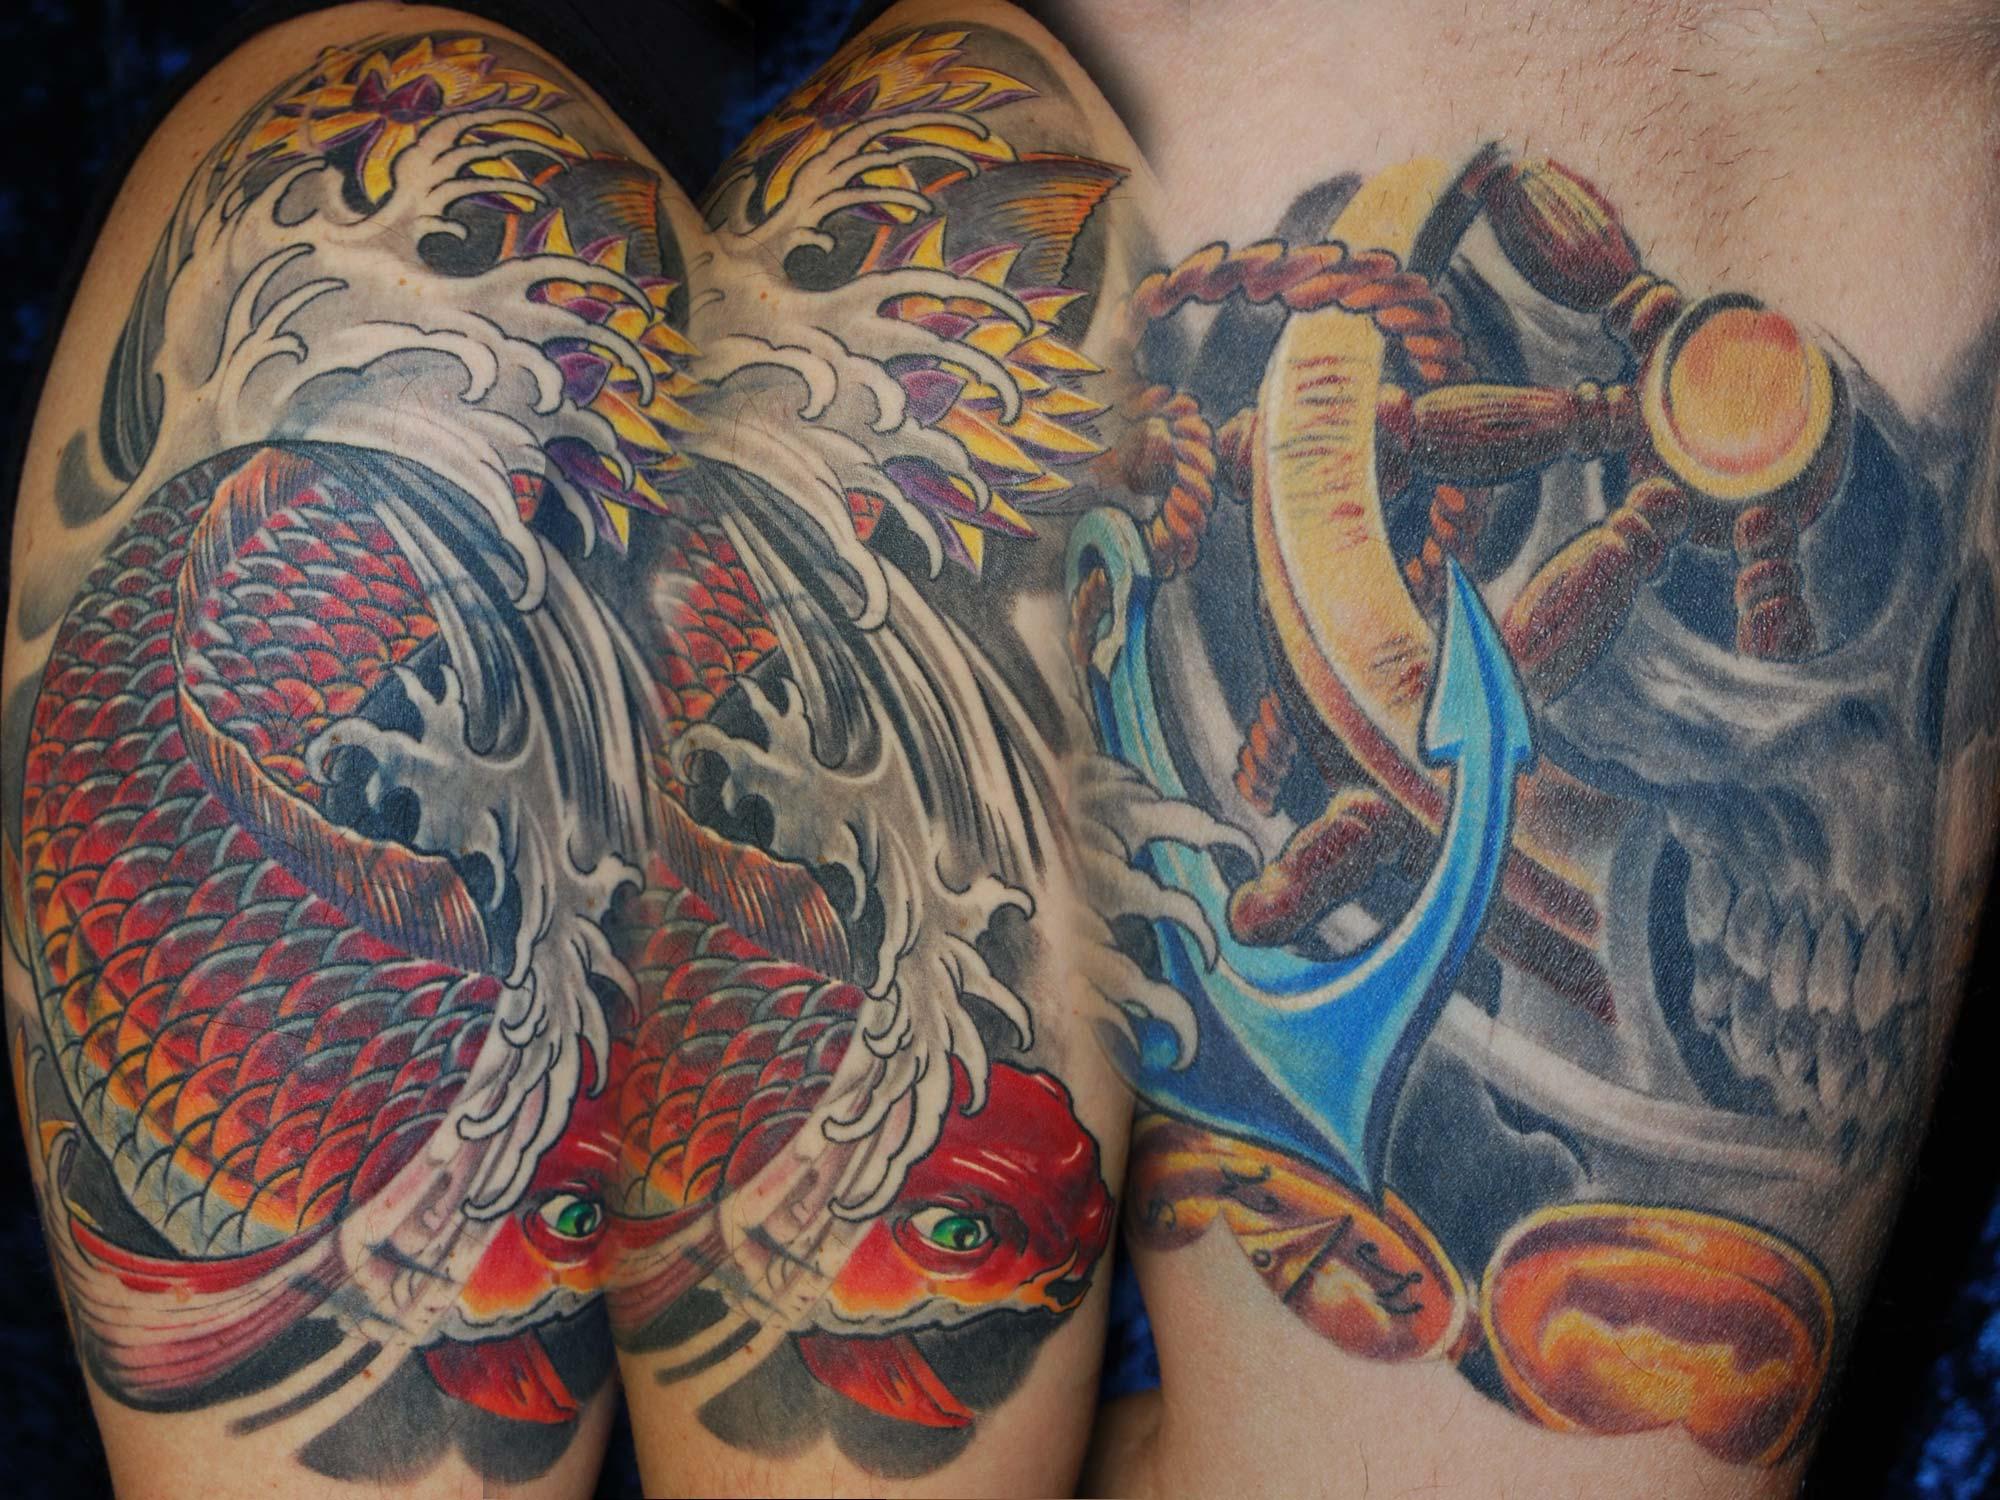 Shit-for-Life-Tattoo-München-Raul Cover up Tattoo Überdeckung Koi Wasser Wellen Totenkopf Anker Steuerrad München Spezialität